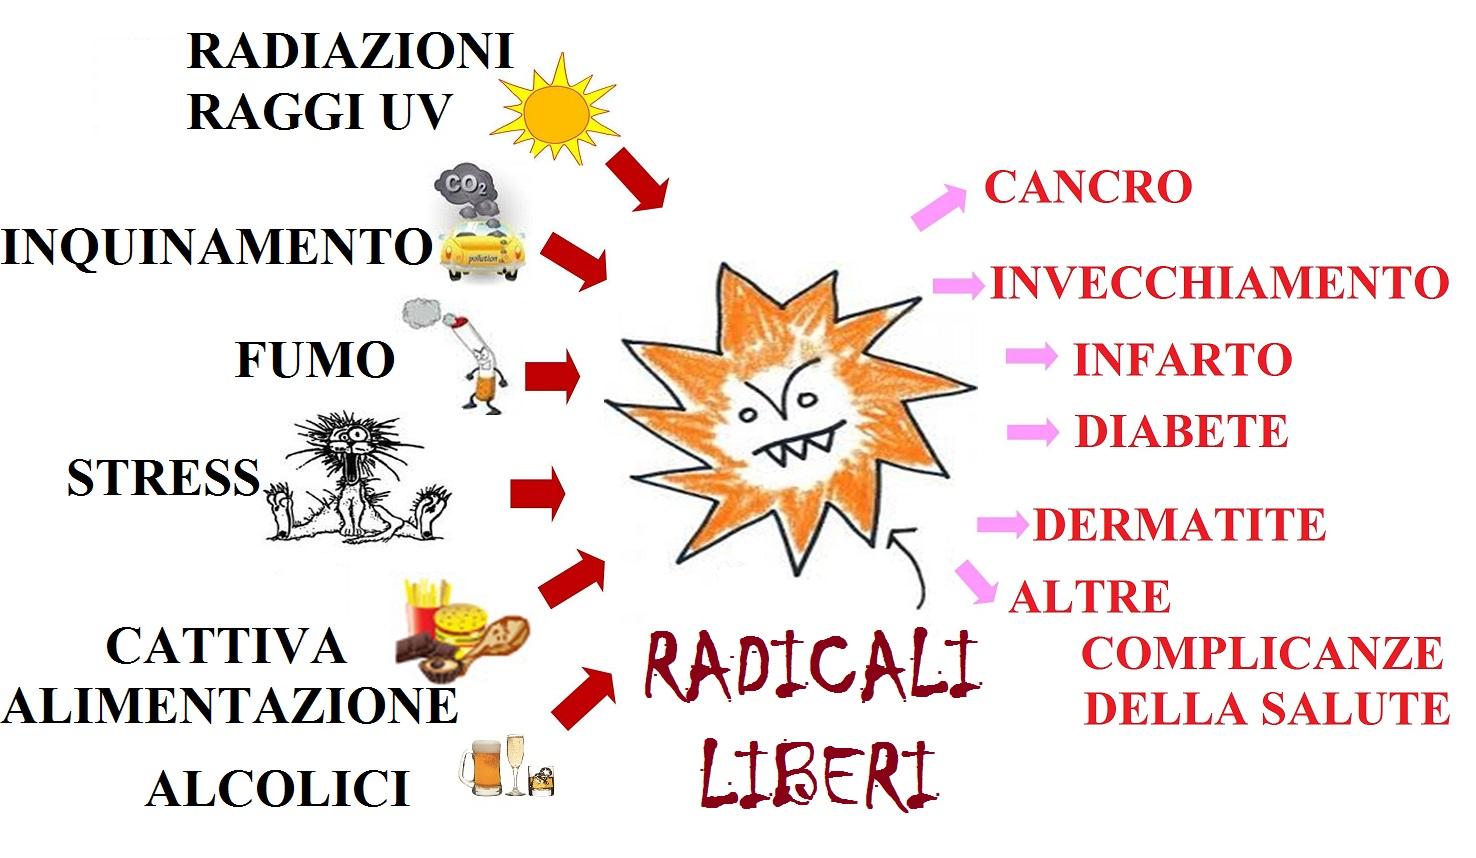 Radicali Liberi. - Dieta Zona Personalizzata Online